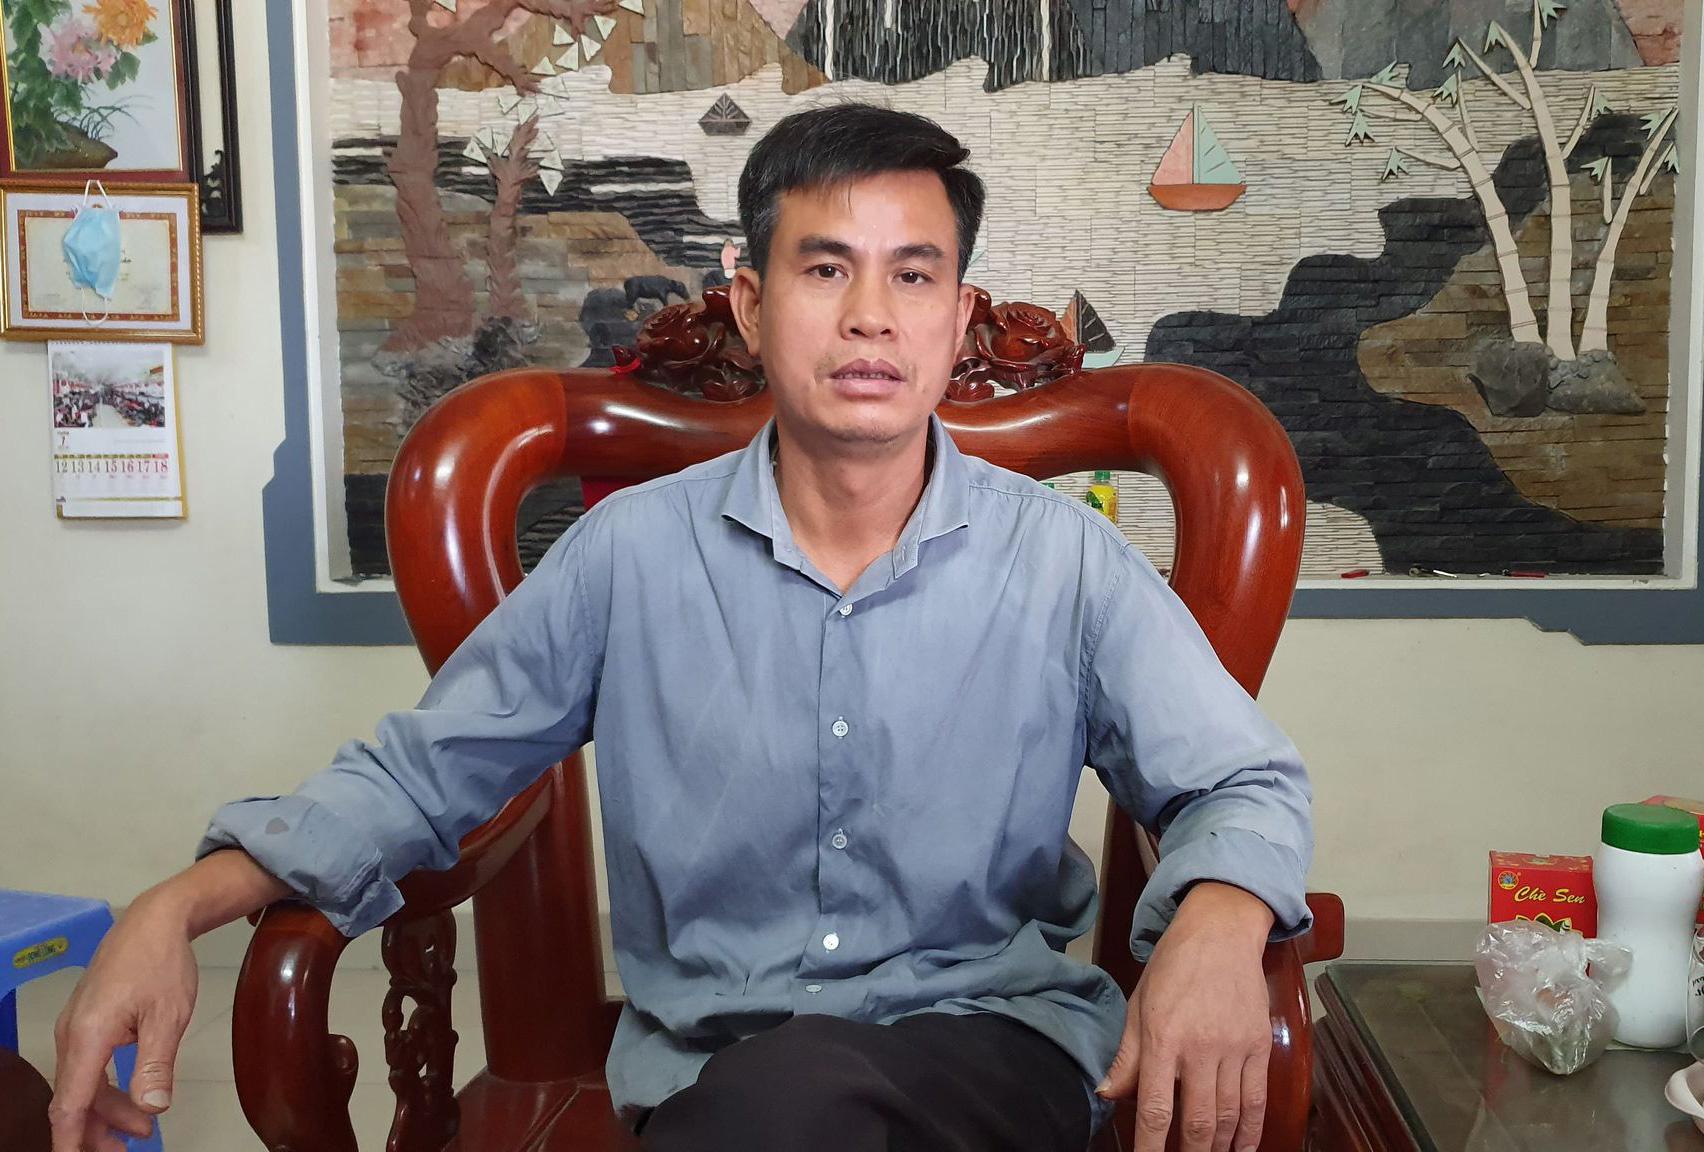 Hà Nội: Xác minh việc Bí thư xã bị người dân tố cáo xin tiền - Ảnh 1.